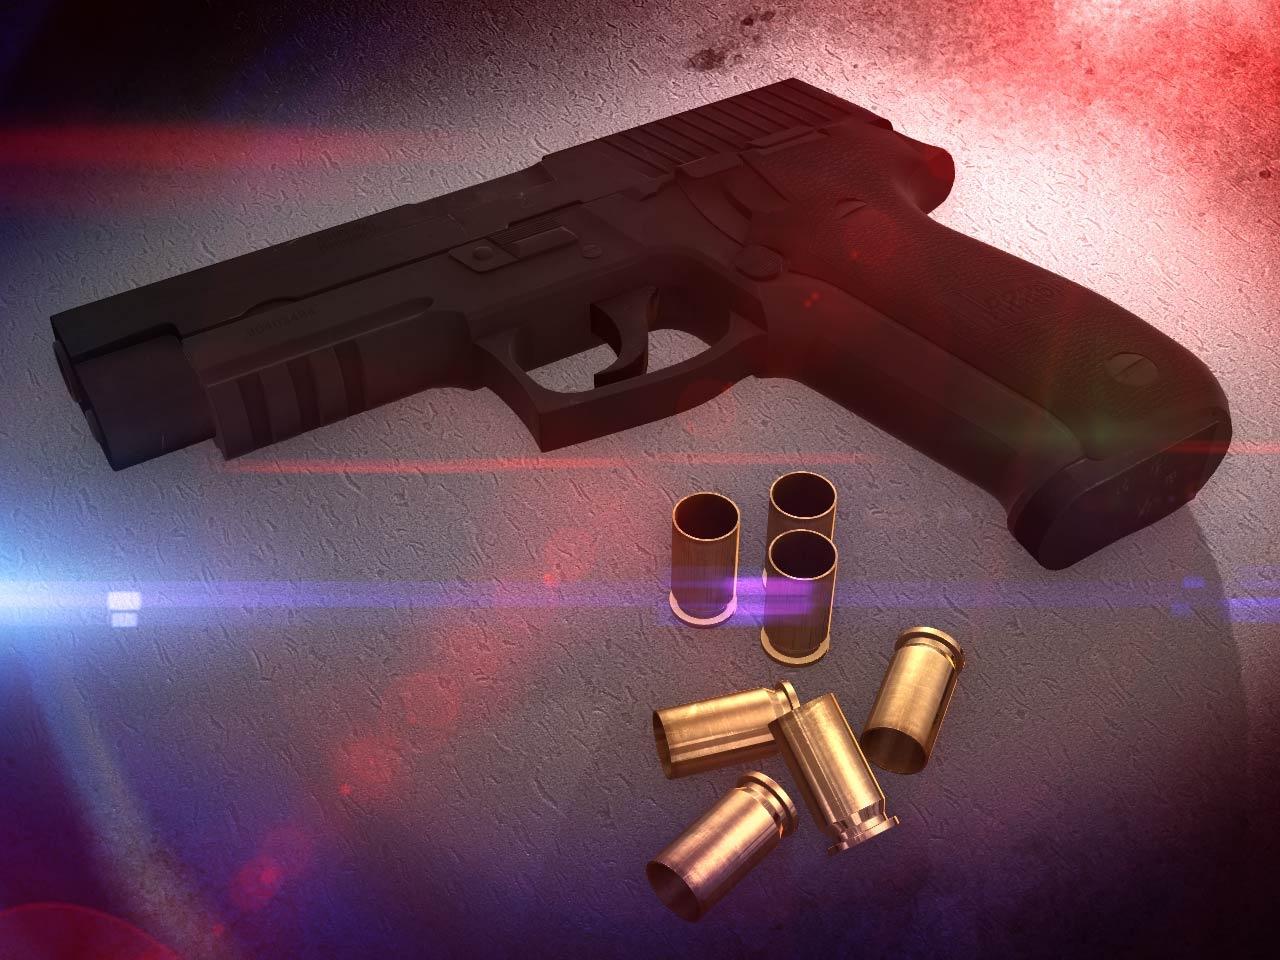 Man Shot, Seriously Injured During Child Custody Exchange